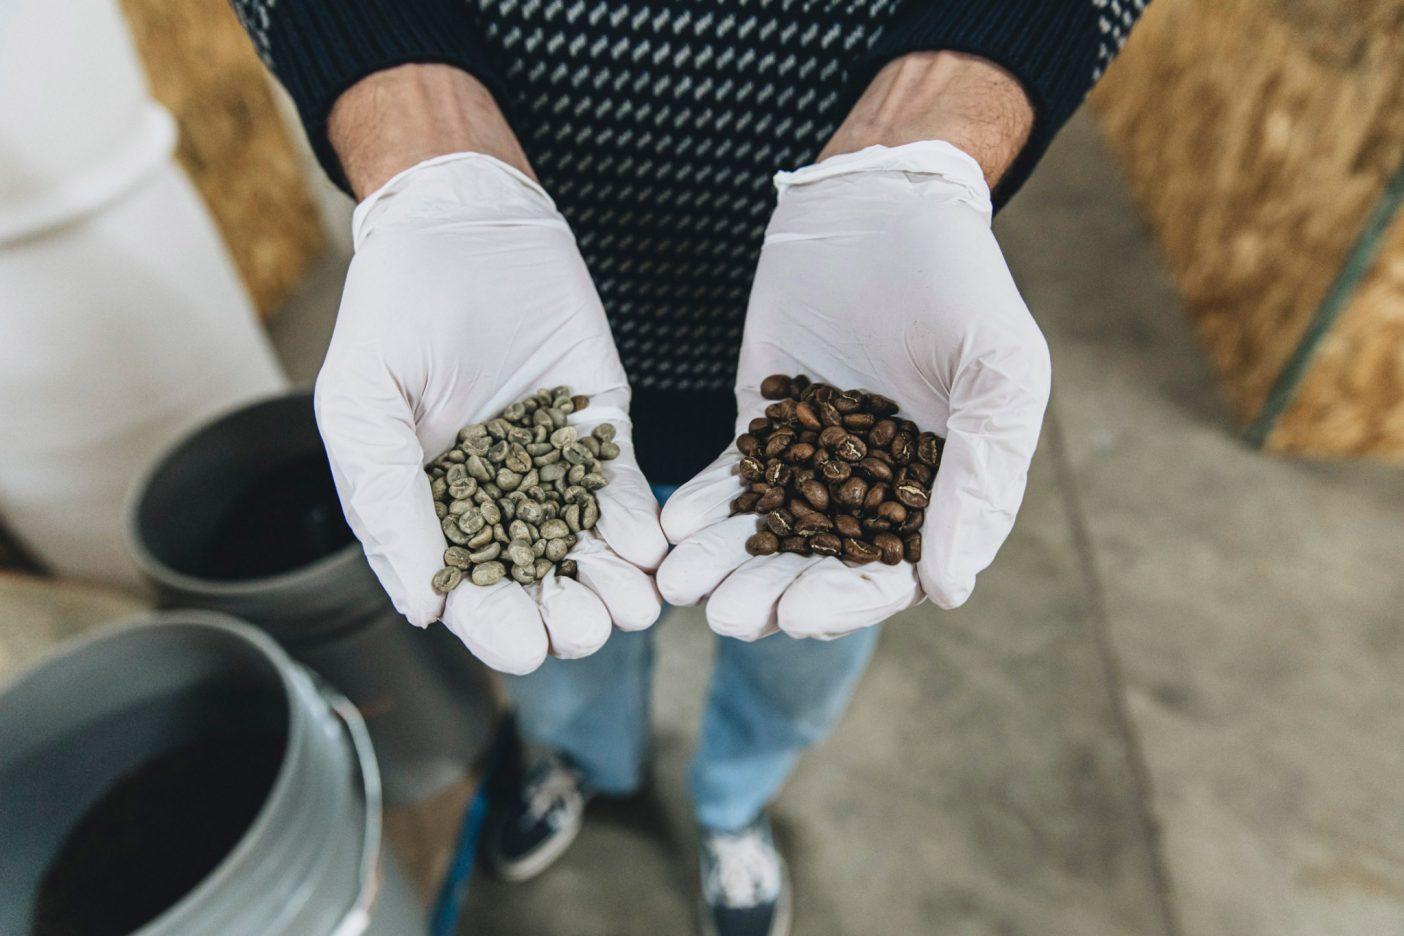 コーヒーが好きじゃない人、手を挙げて。あまりいないだろうと思った。アレックスと新たに焙煎した豆の子供たち(右)。オーバービューで彼が追い求めるのは、手を挙げなかった人たちと私たちのコーヒーを飲む習慣を、地球を救うために変化させること。あるいは最低でも地球に役立つことに変化ことです。Photo:Johnie Gall